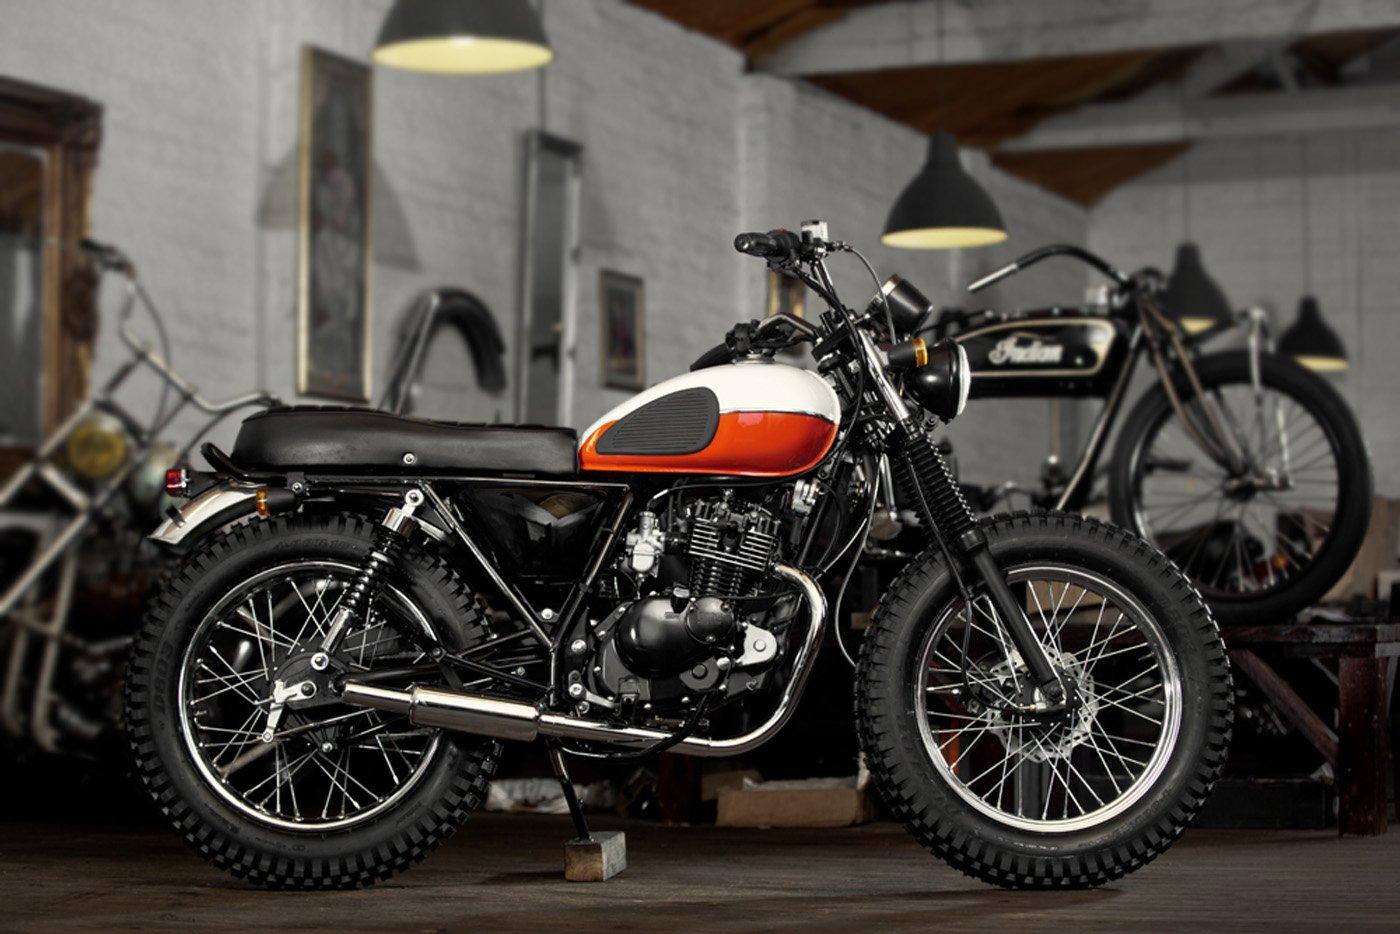 Motos chinas importadas con aspecto Vintage 4